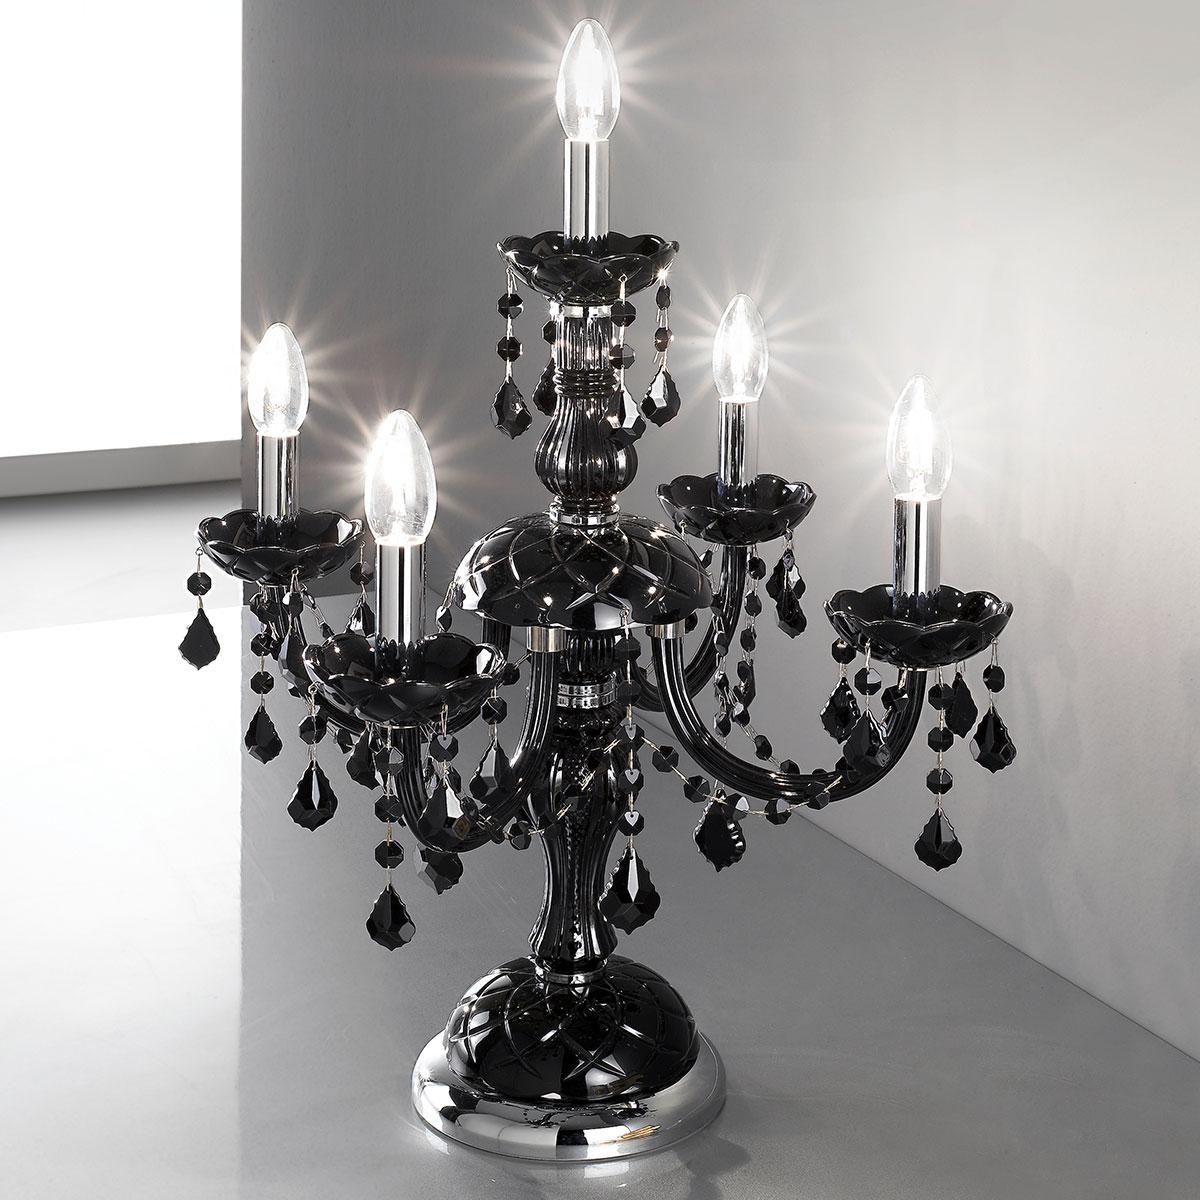 """""""Brindisi"""" venezianischer kristall tischleuchte - 4+1 flammig - schwarz mit schwarz Verfügung"""